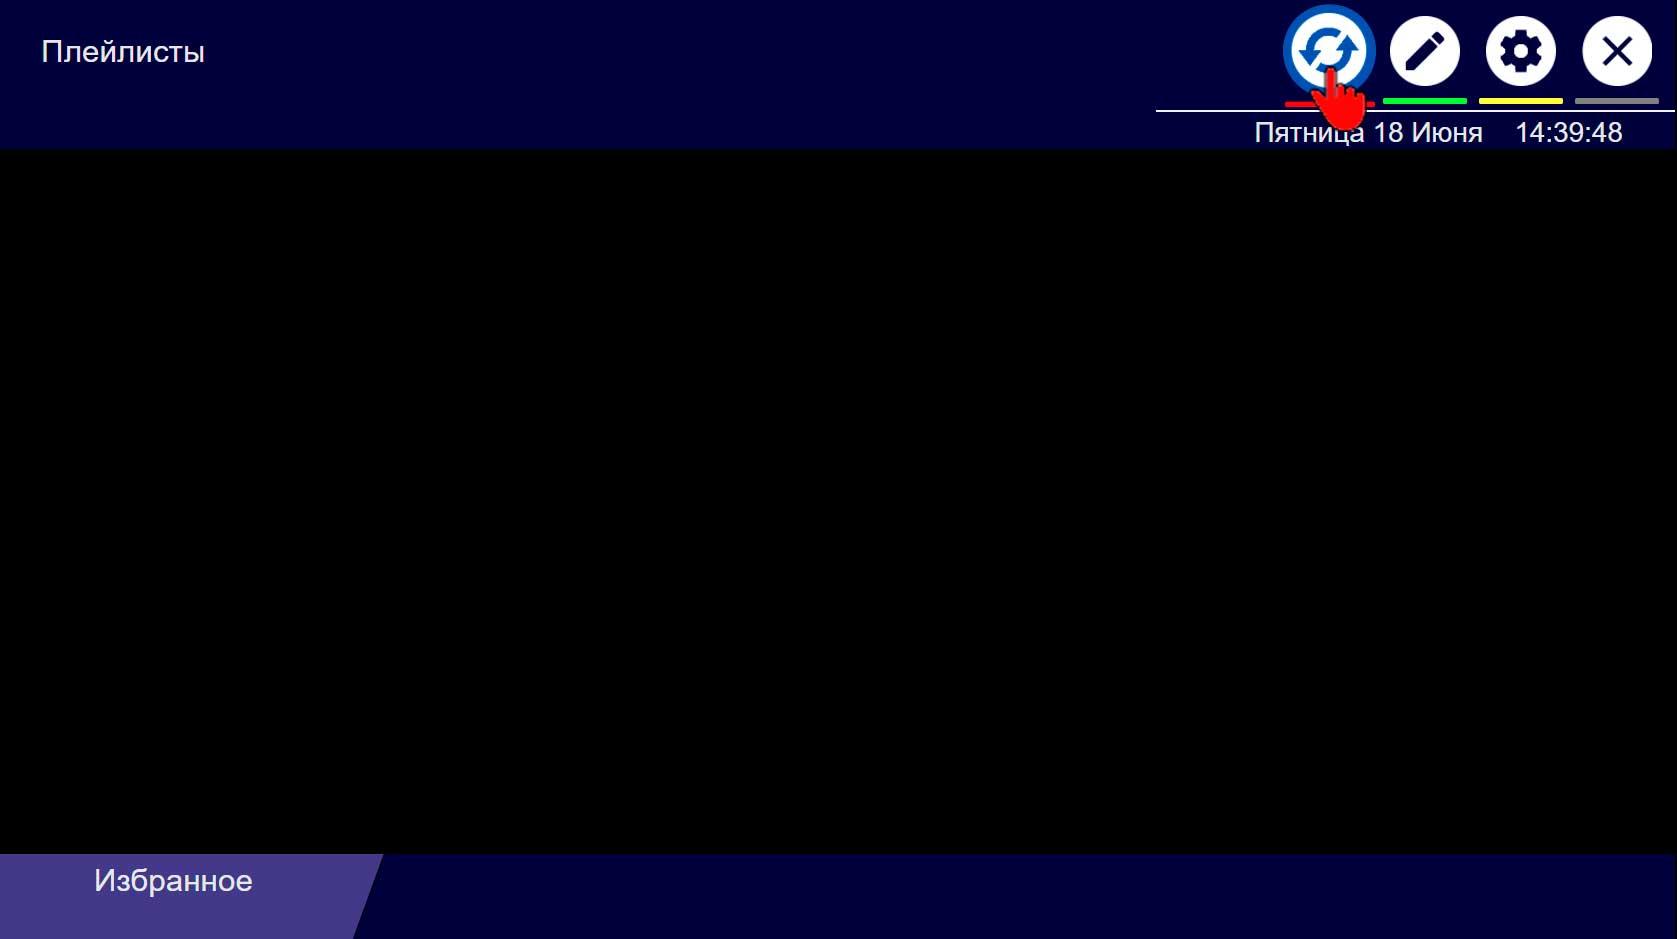 Как смотреть телевидение snegiri.tv на телевизорах с поддержкой Smart TV